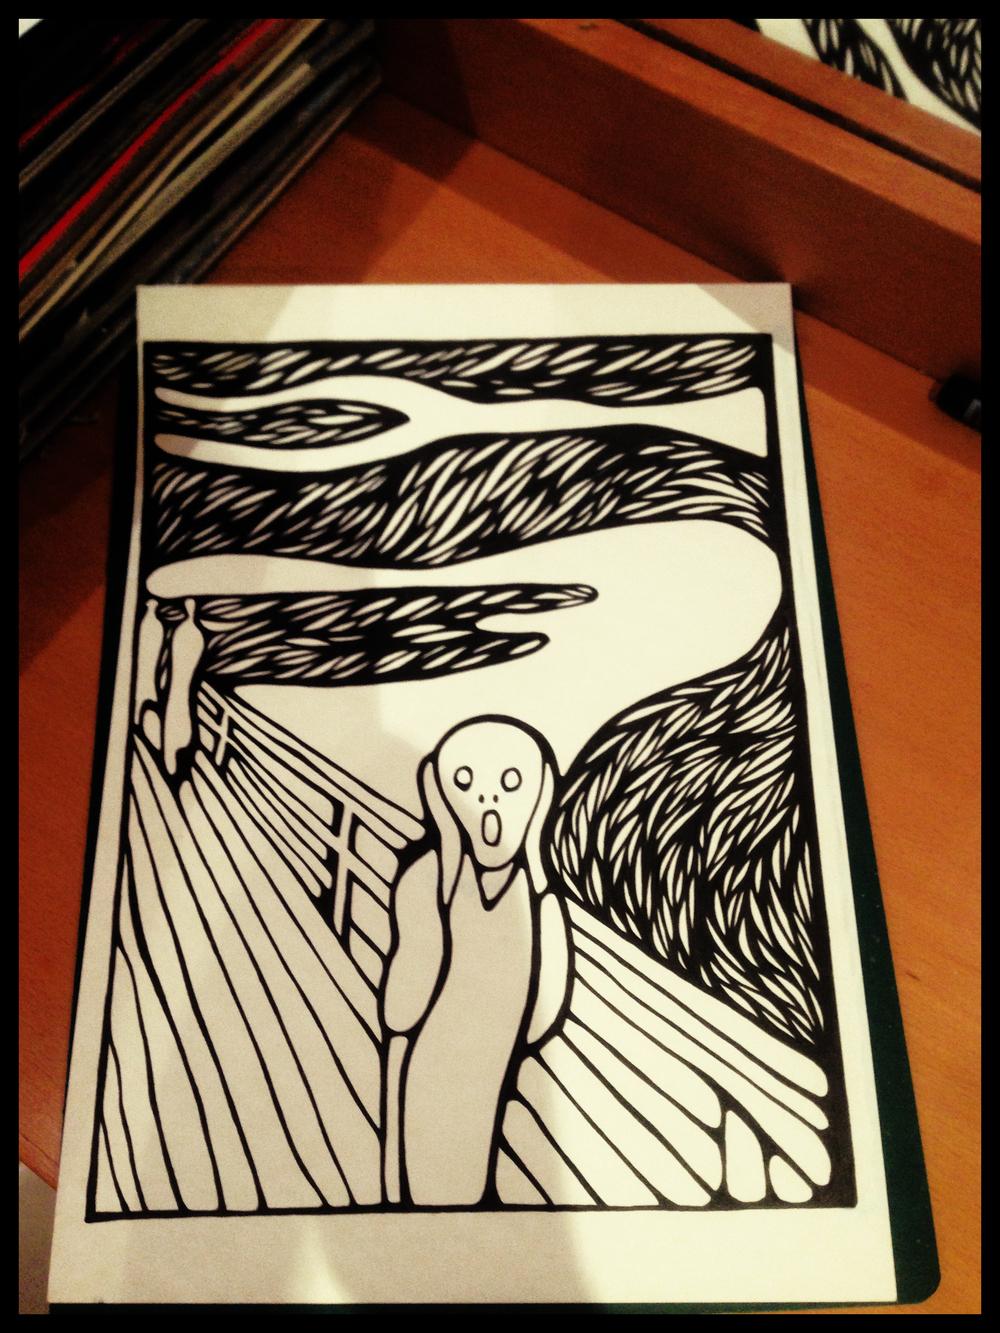 Edward Munch he Scream in progress